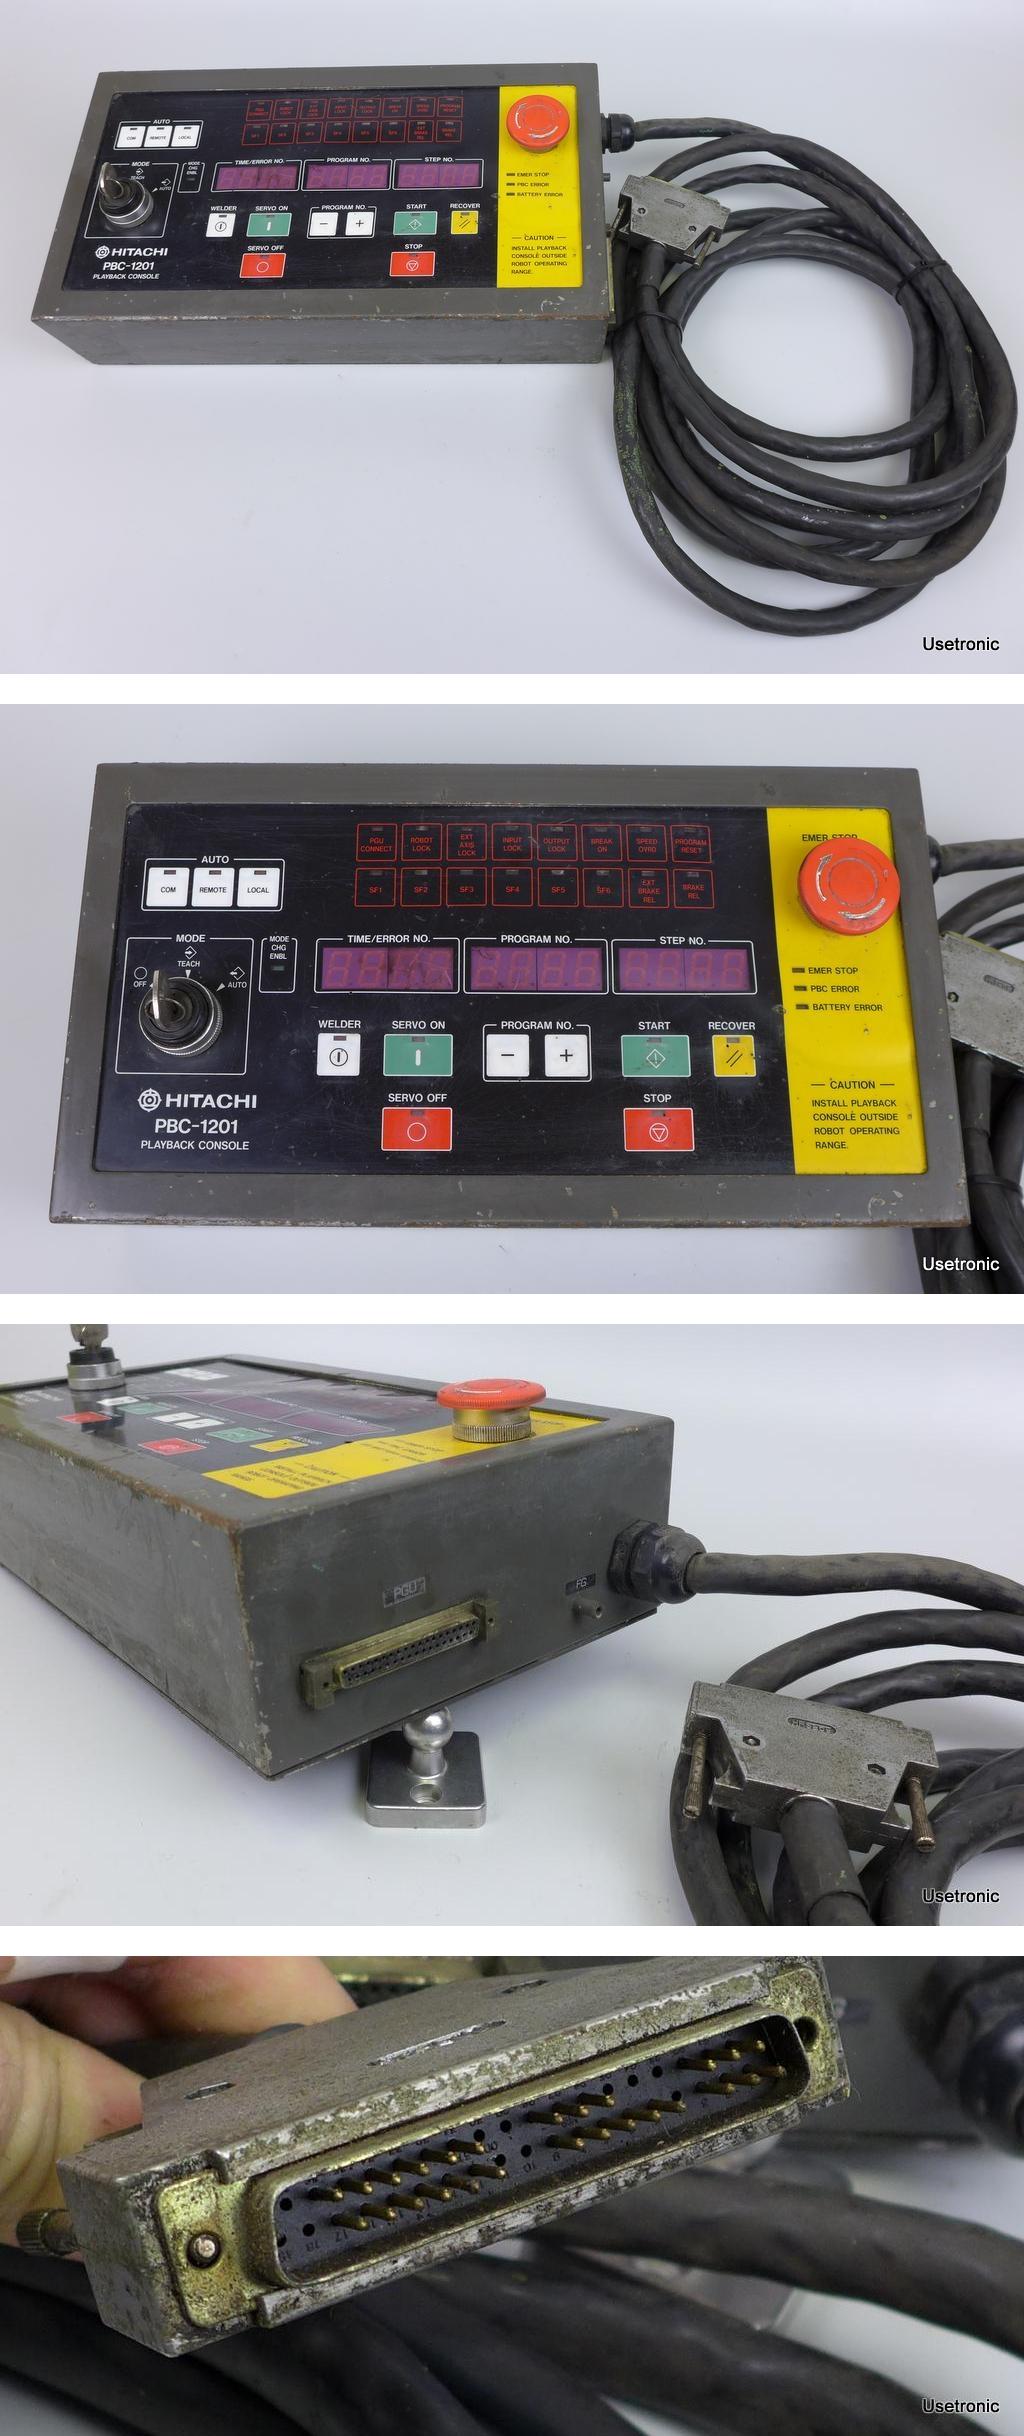 Hitachi PBC-1201